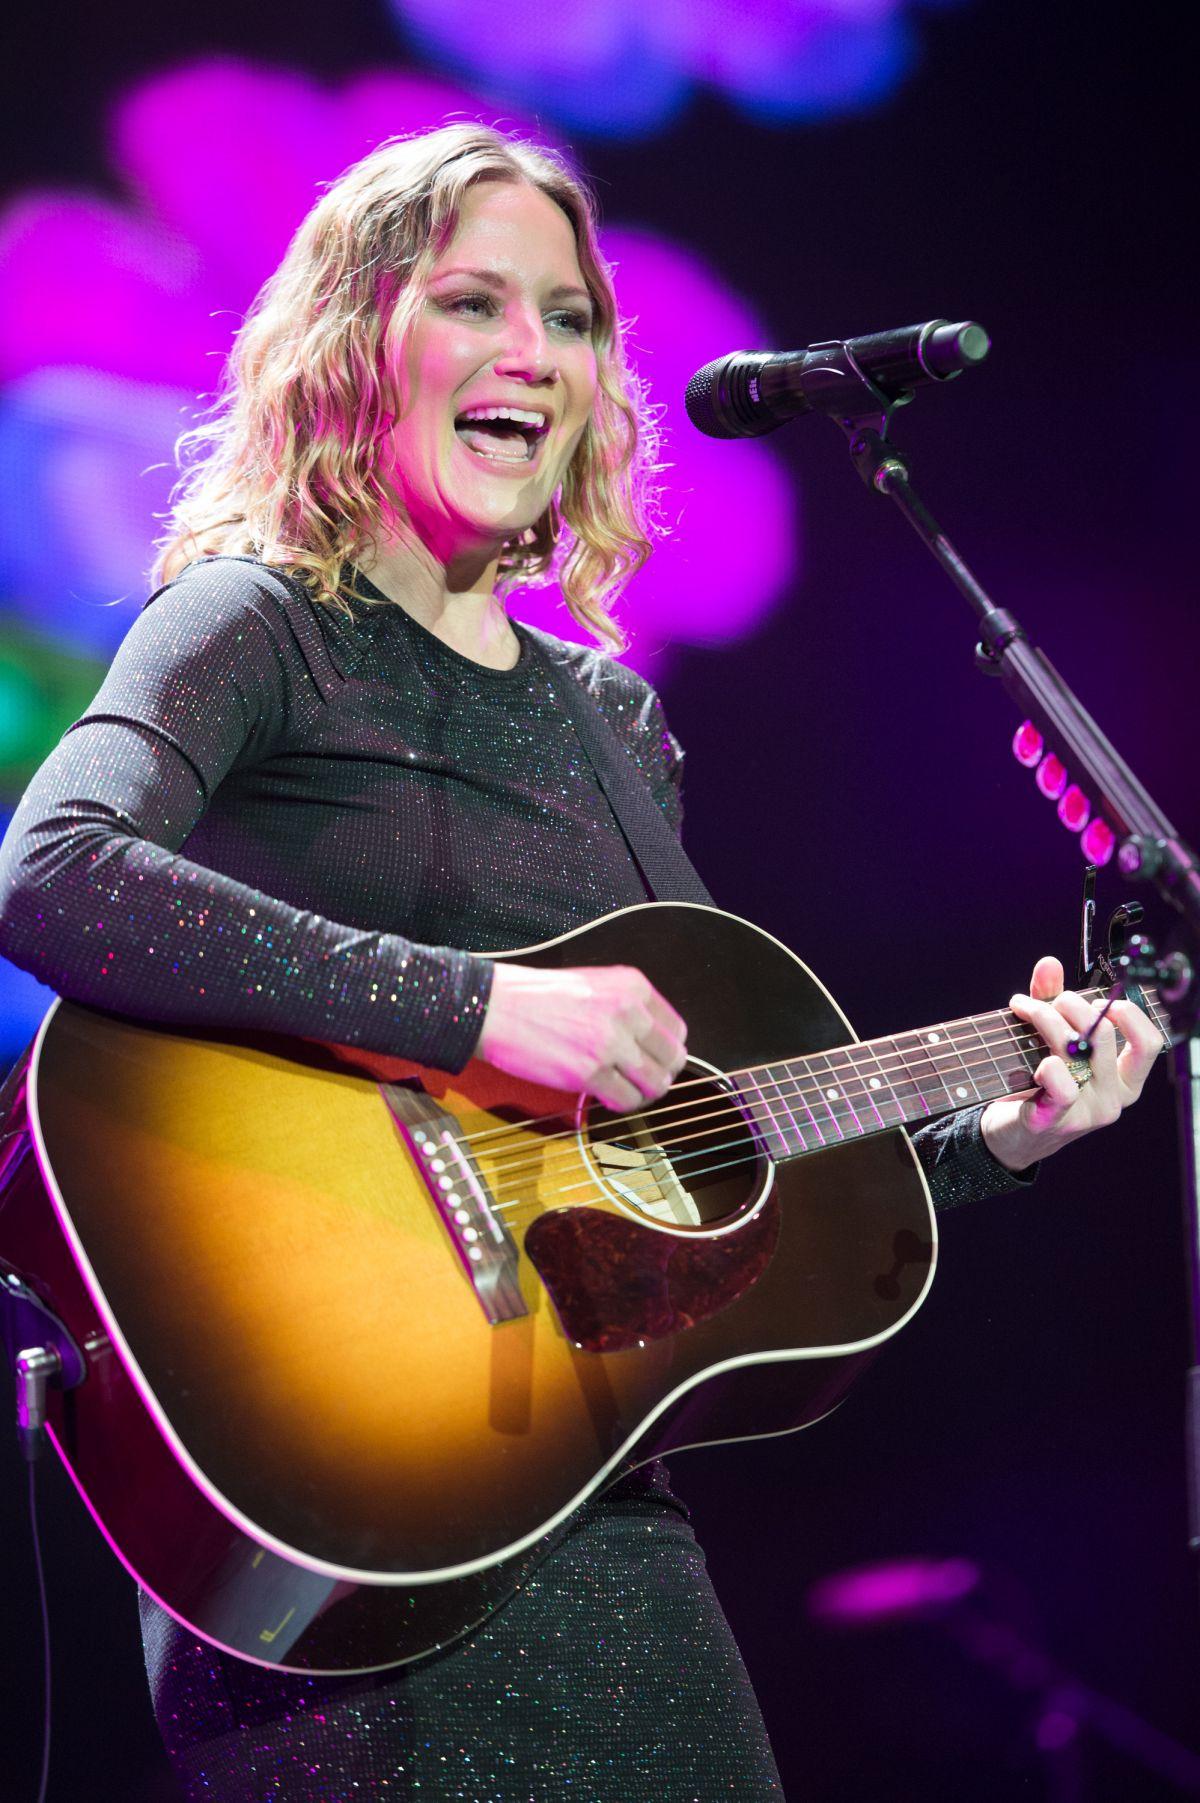 JENNIFER NETTLES Performs at Country Music Festival in ... Jennifer Nettles